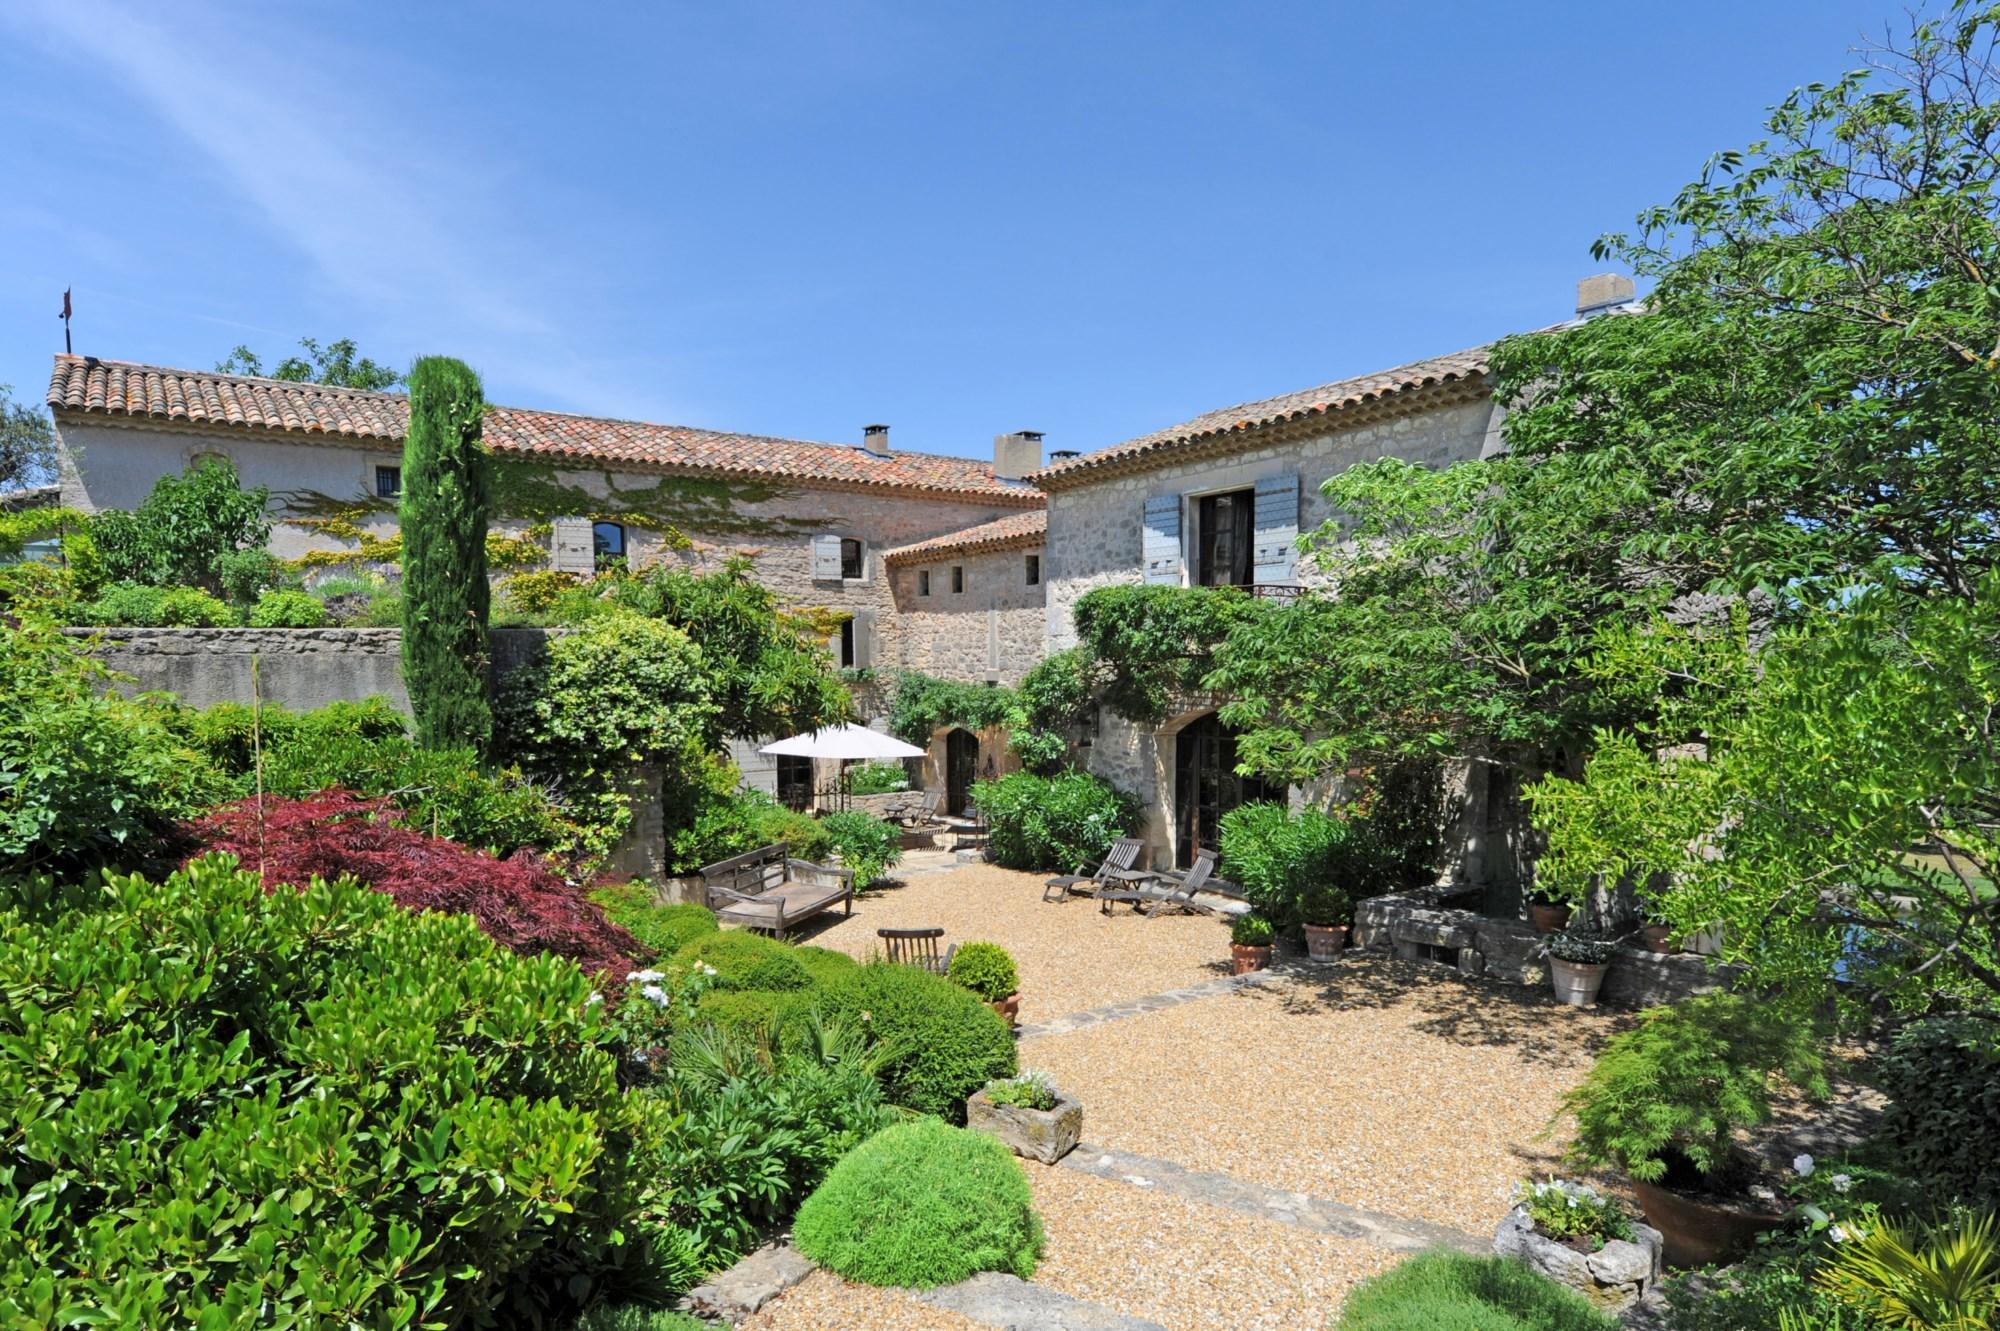 Propriété de prestige vendue par Jean-Christophe ROSIER en Luberon - www.rosier.pro